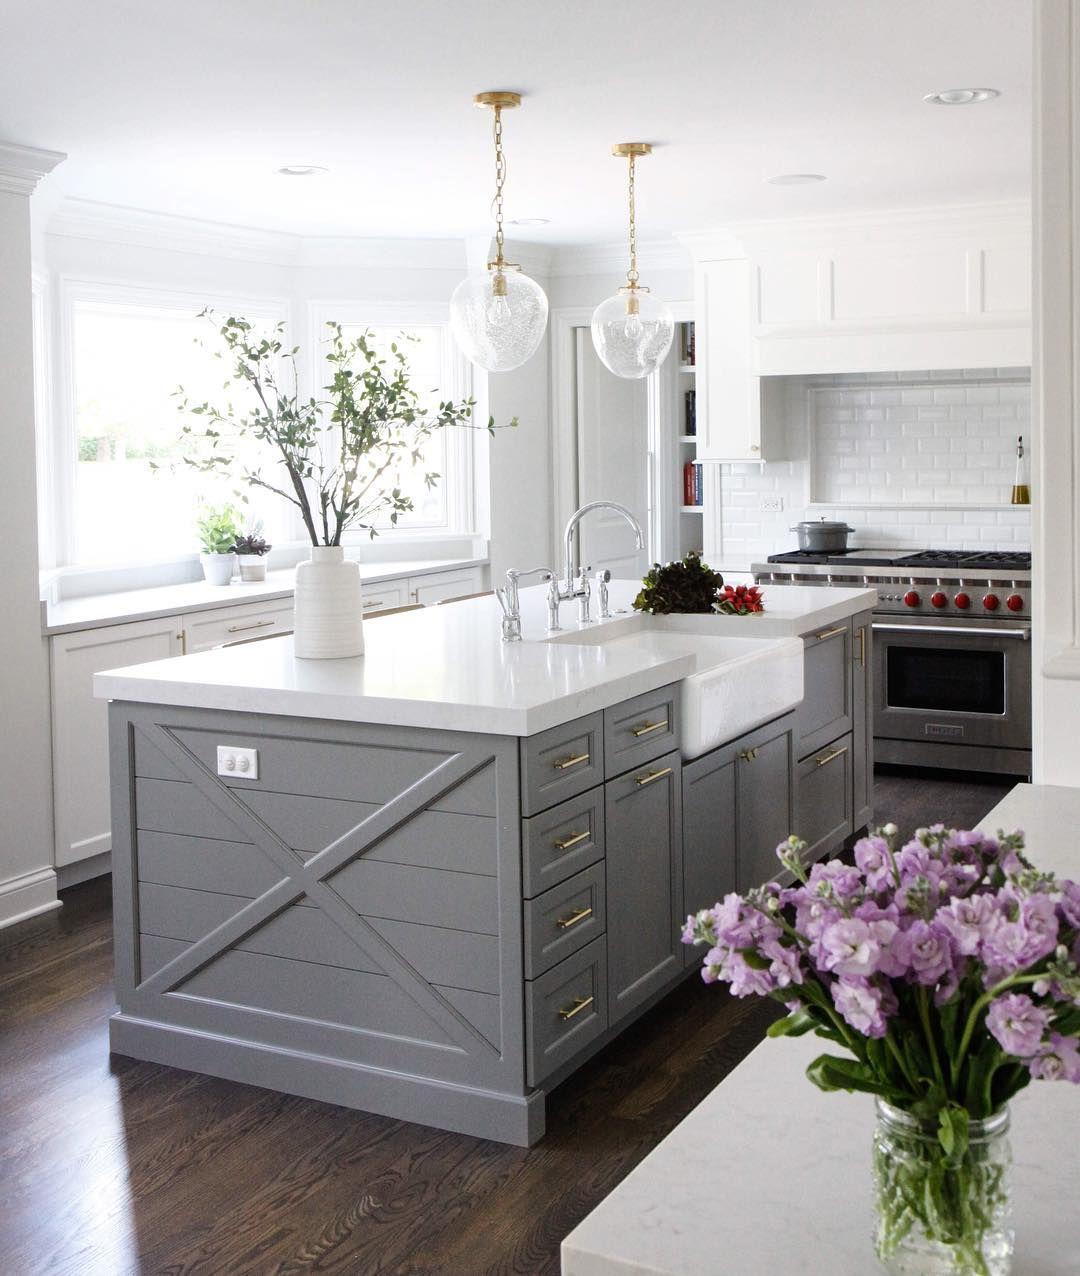 Kitchen island paint color is Chelsea Gray Benjamin Moore